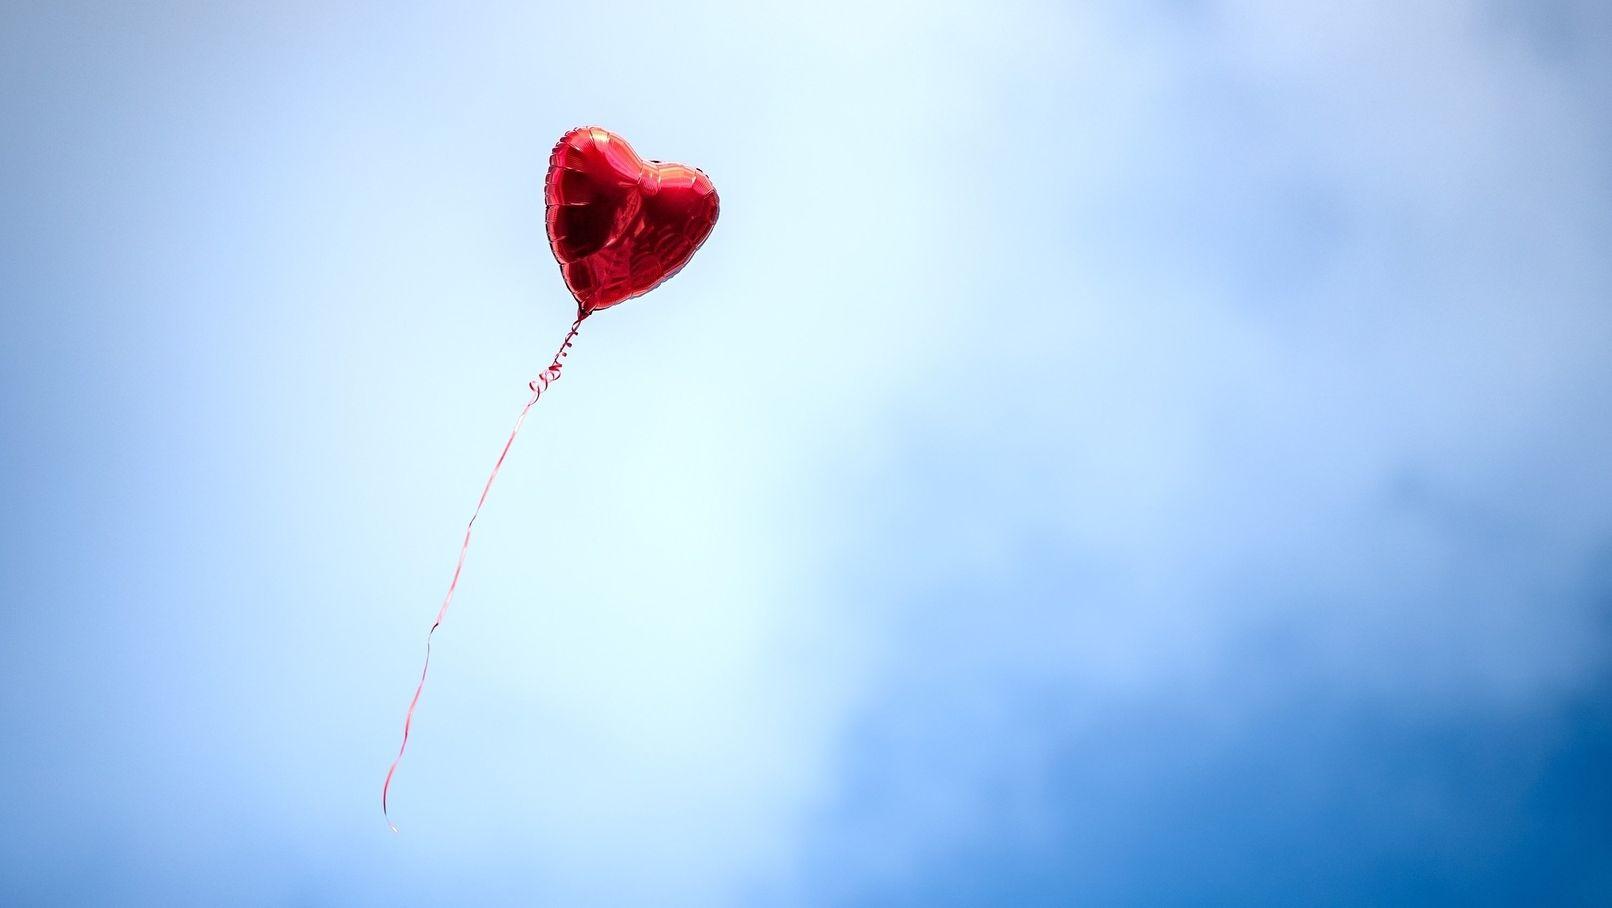 Grüne in Niedersachsen wollen Luftballon-Verbot